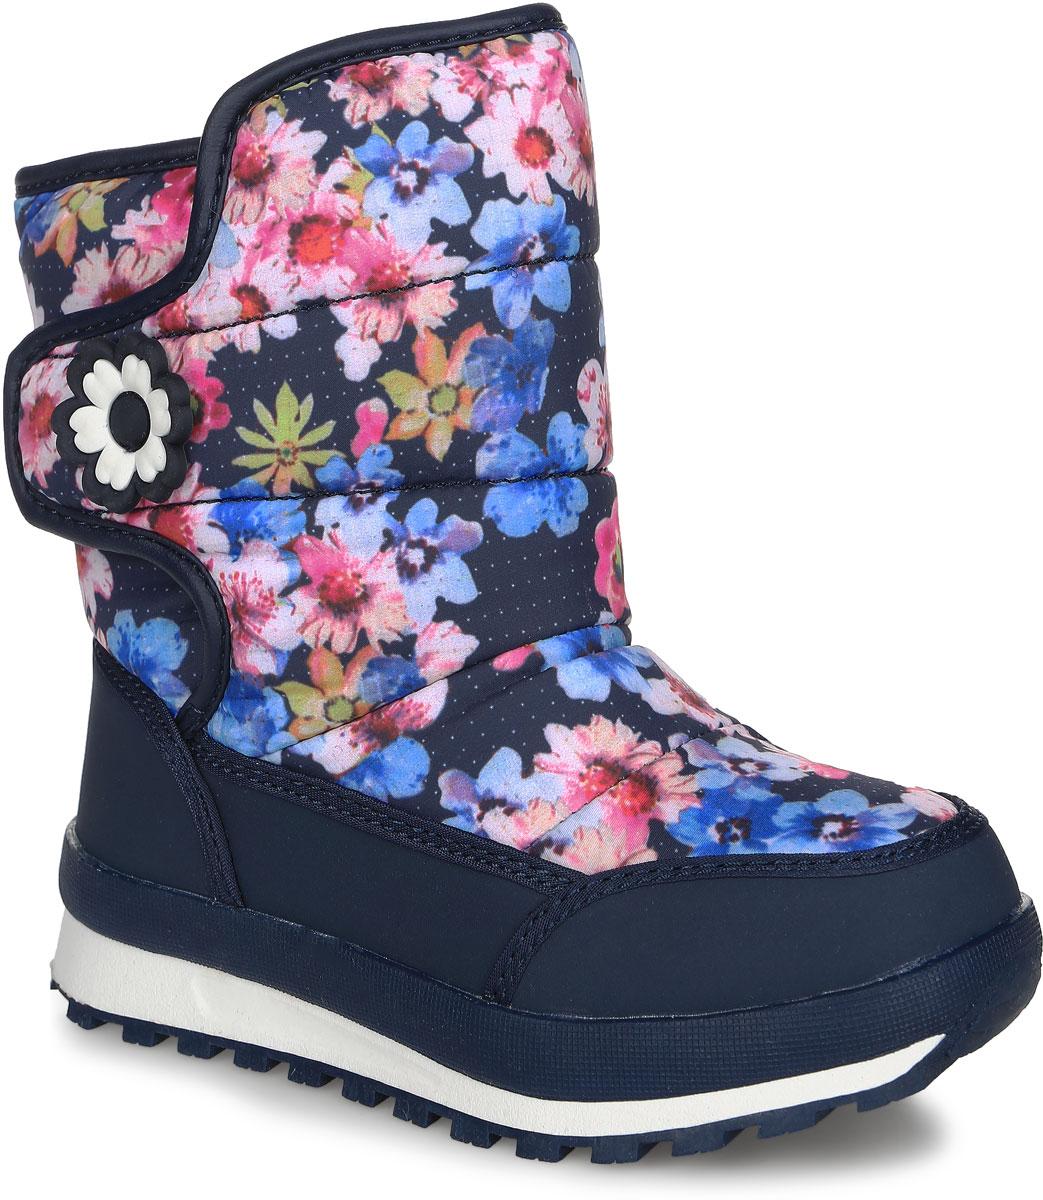 713Стильные дутики от Kapika заинтересуют вашу юную модницу с первого взгляда. Дутики изготовлены из водонепроницаемого текстиля и искусственной кожи. Модель оформлена оригинальным принтом и нашивкой в виде цветка. На ноге модель фиксируется с помощью удобного клапана с застежкой-липучкой. Подкладка и стелька на 80% состоят из натуральной шерсти и обеспечат ножкам тепло и уют. Подошва выполнена из легкого ТЭП-материала, что гарантирует отличное сцепление с любой поверхностью. Такие теплые и оригинальные дутики займут достойное место в гардеробе вашей девочки.